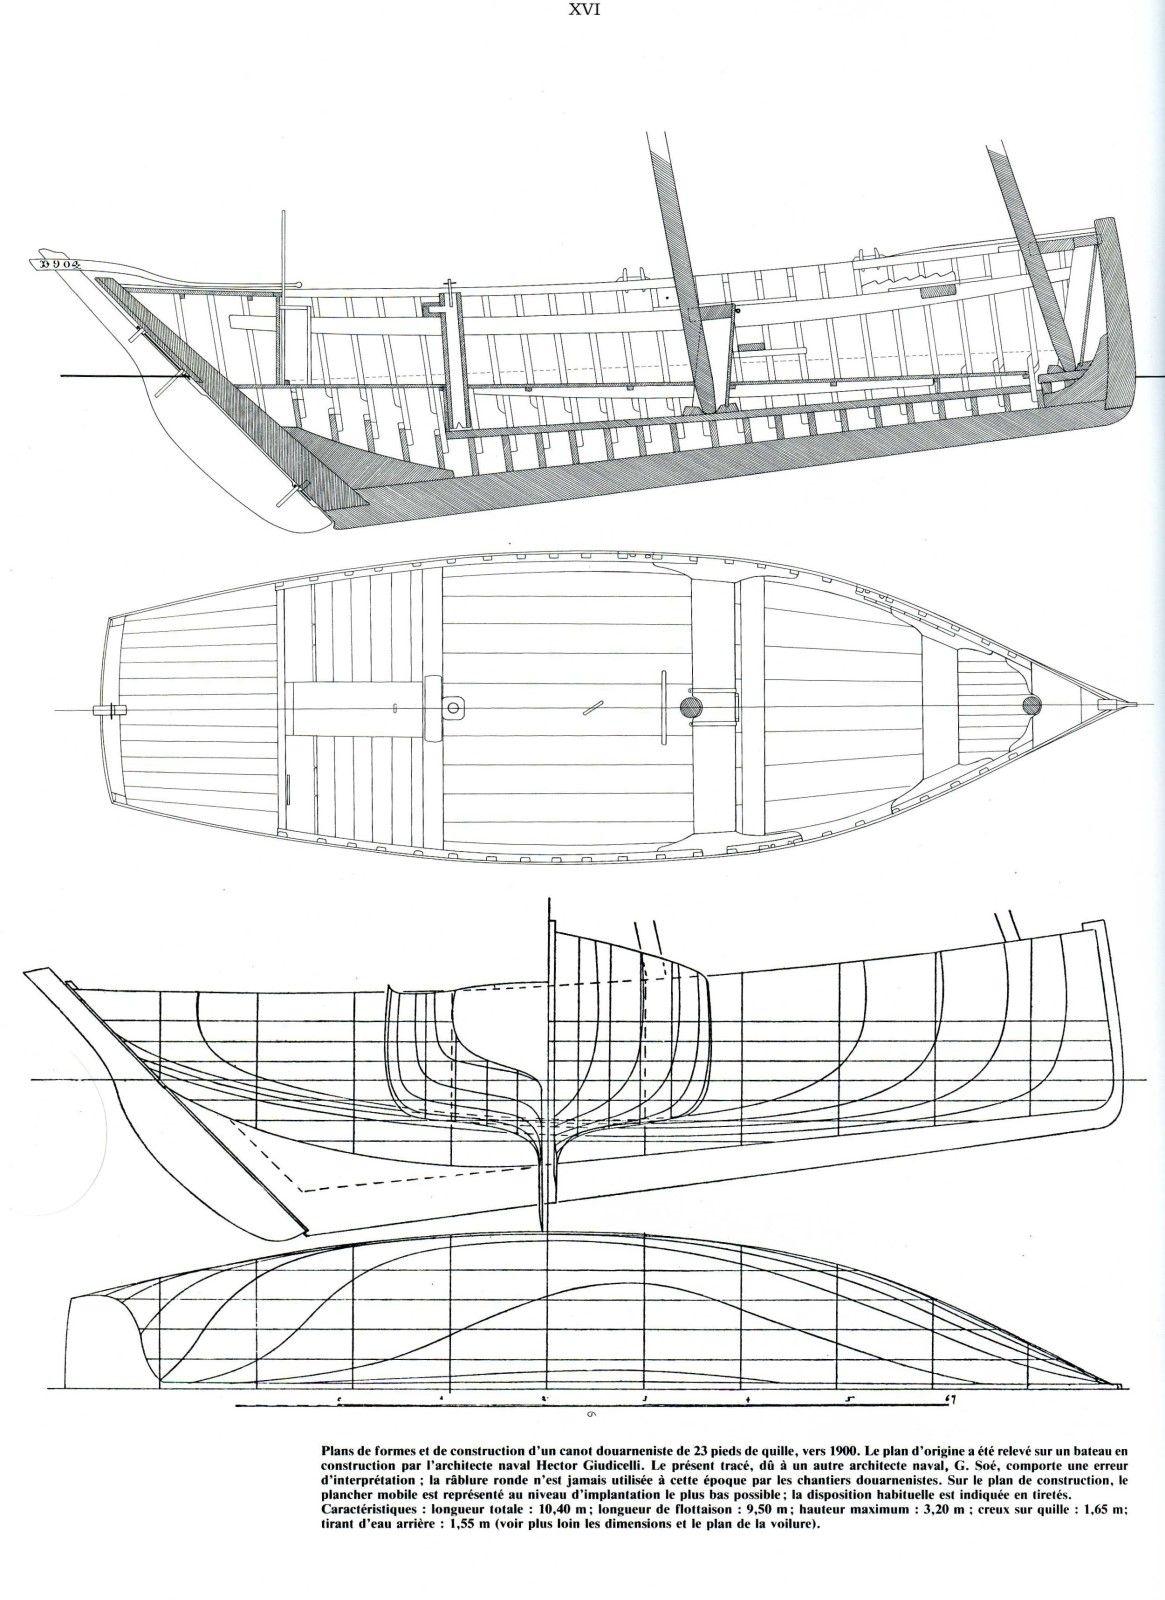 Les Forums De Passions Metrique Et Etroite Afficher Le Sujet Modelisme Naval Fl Construction Nautique Maquette Bateau Bois Construction Maquette Bateau